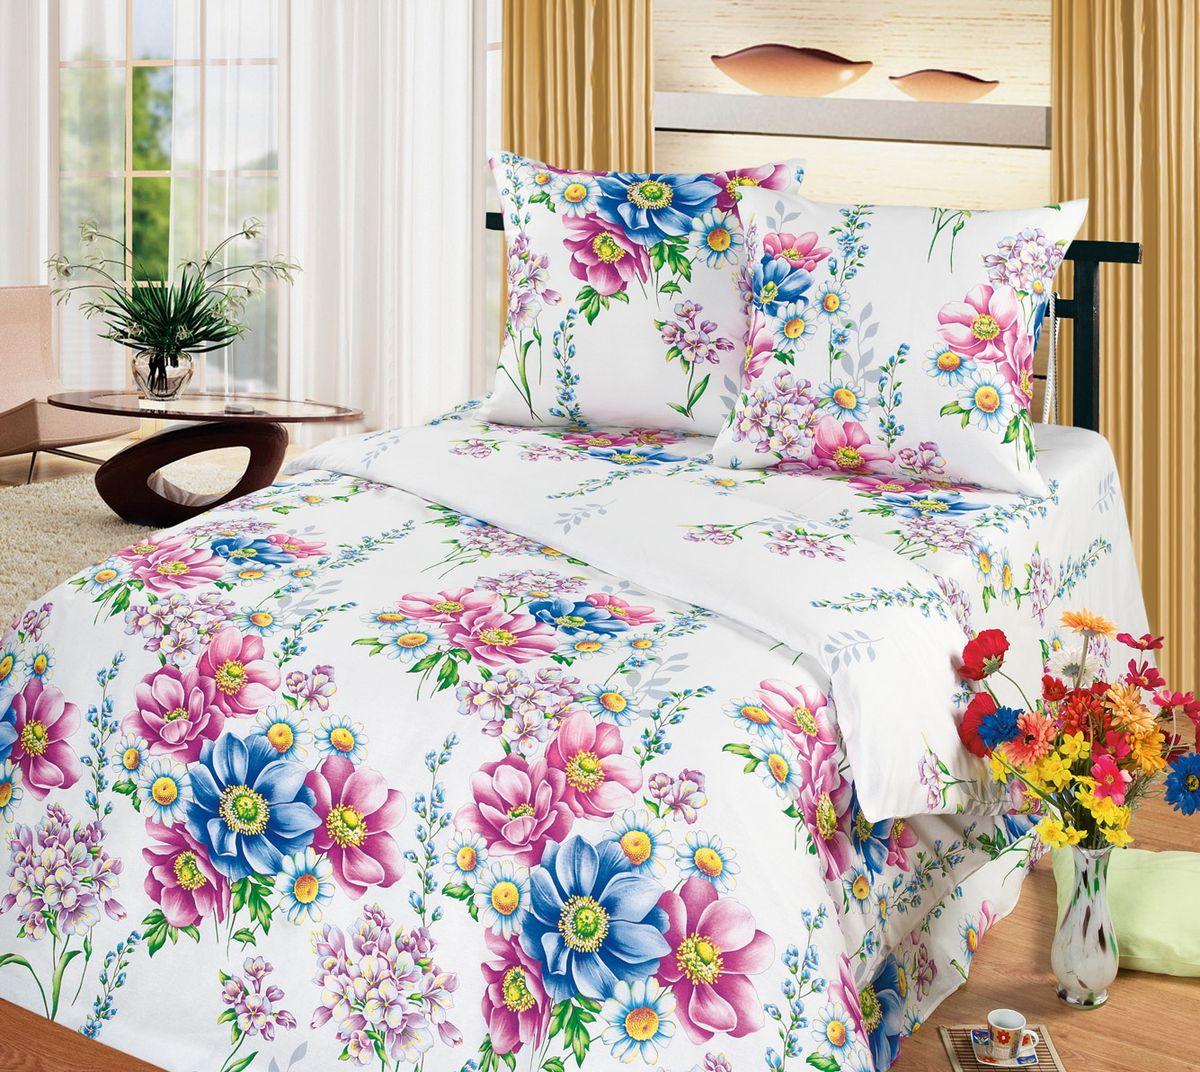 Комплект белья Cleo Акварель, 2-спальный, наволочки 70x7020/309-BКоллекция постельного белья из бязи CLEO – это классика сна. Вся коллекция выполнена из 100% хлопка, т.е. во время сна будет комфортно в любое время года! Благодаря пигментному способу нанесение печати, даже после многократных стирок (деликатный режим), постельное белье сохраняет свой первоначальный вид. Постельное белье из бязи имеет ряд уникальных свойств: экологичность, гипоаллергенность, благодаря особому способу переплетения нитей в полотне, обеспечивается особая плотность ткани, что делает ее устойчивой к износу, сохраняется внешний вид на долгие годы, загрязнения прекрасно отстирываются любыми средствами, не садится, легко гладится, не накапливает статического электричества, благодаря составу из 100% хлопка, обладает исключительной терморегуляцией. Комплект состоит из пододеяльника, двух наволочек и простыни.